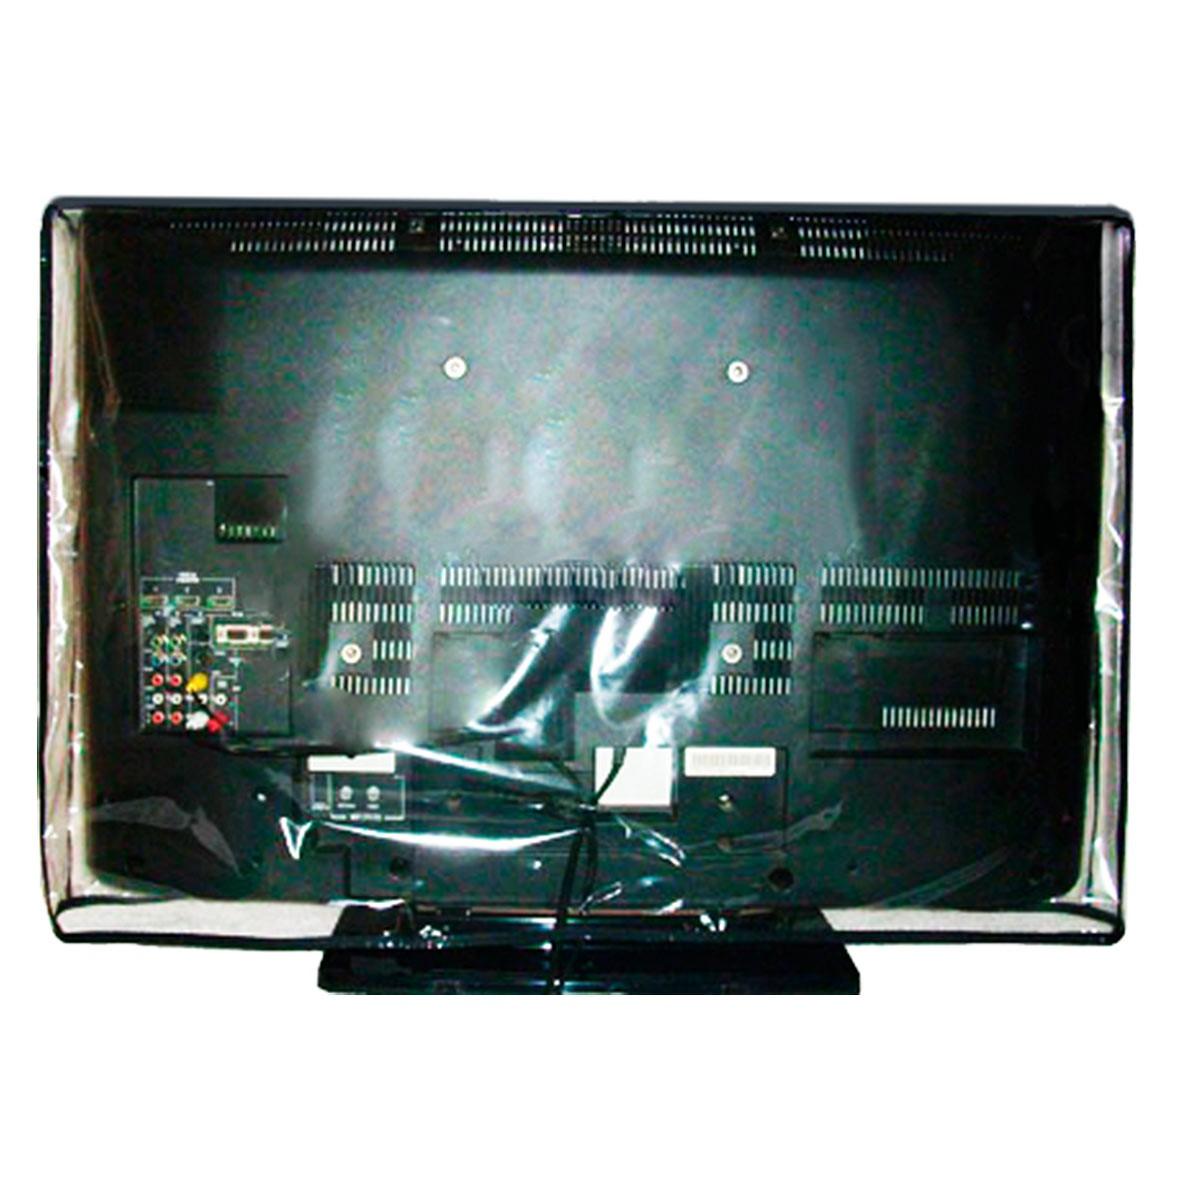 Capa Para TV Em Pvc Cristal Transparente e Impermeável